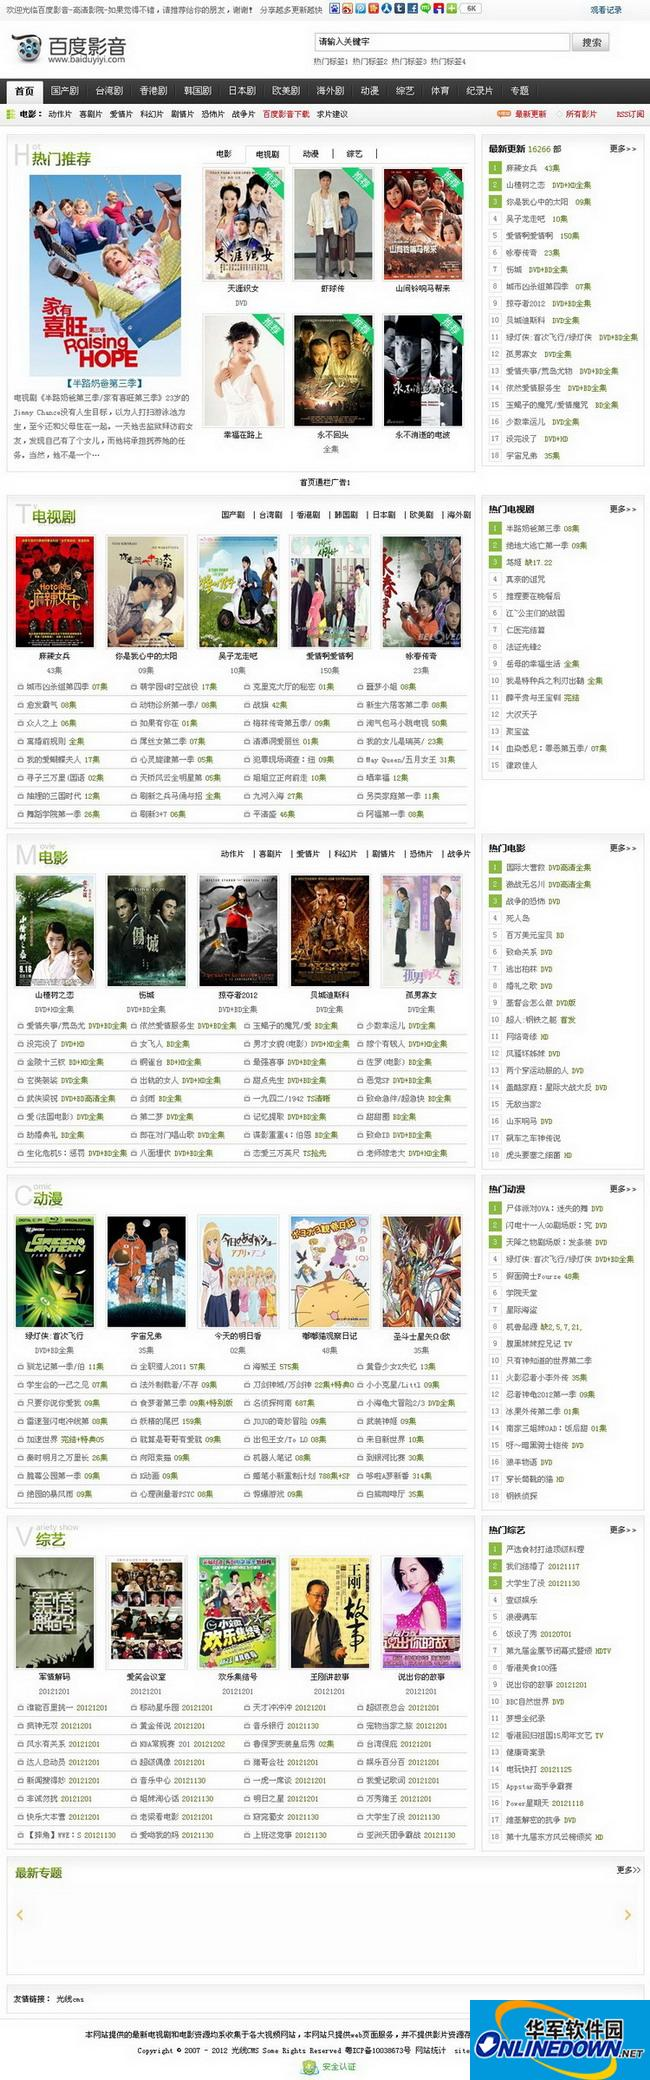 简黑风格电影网站源码 完整带数据